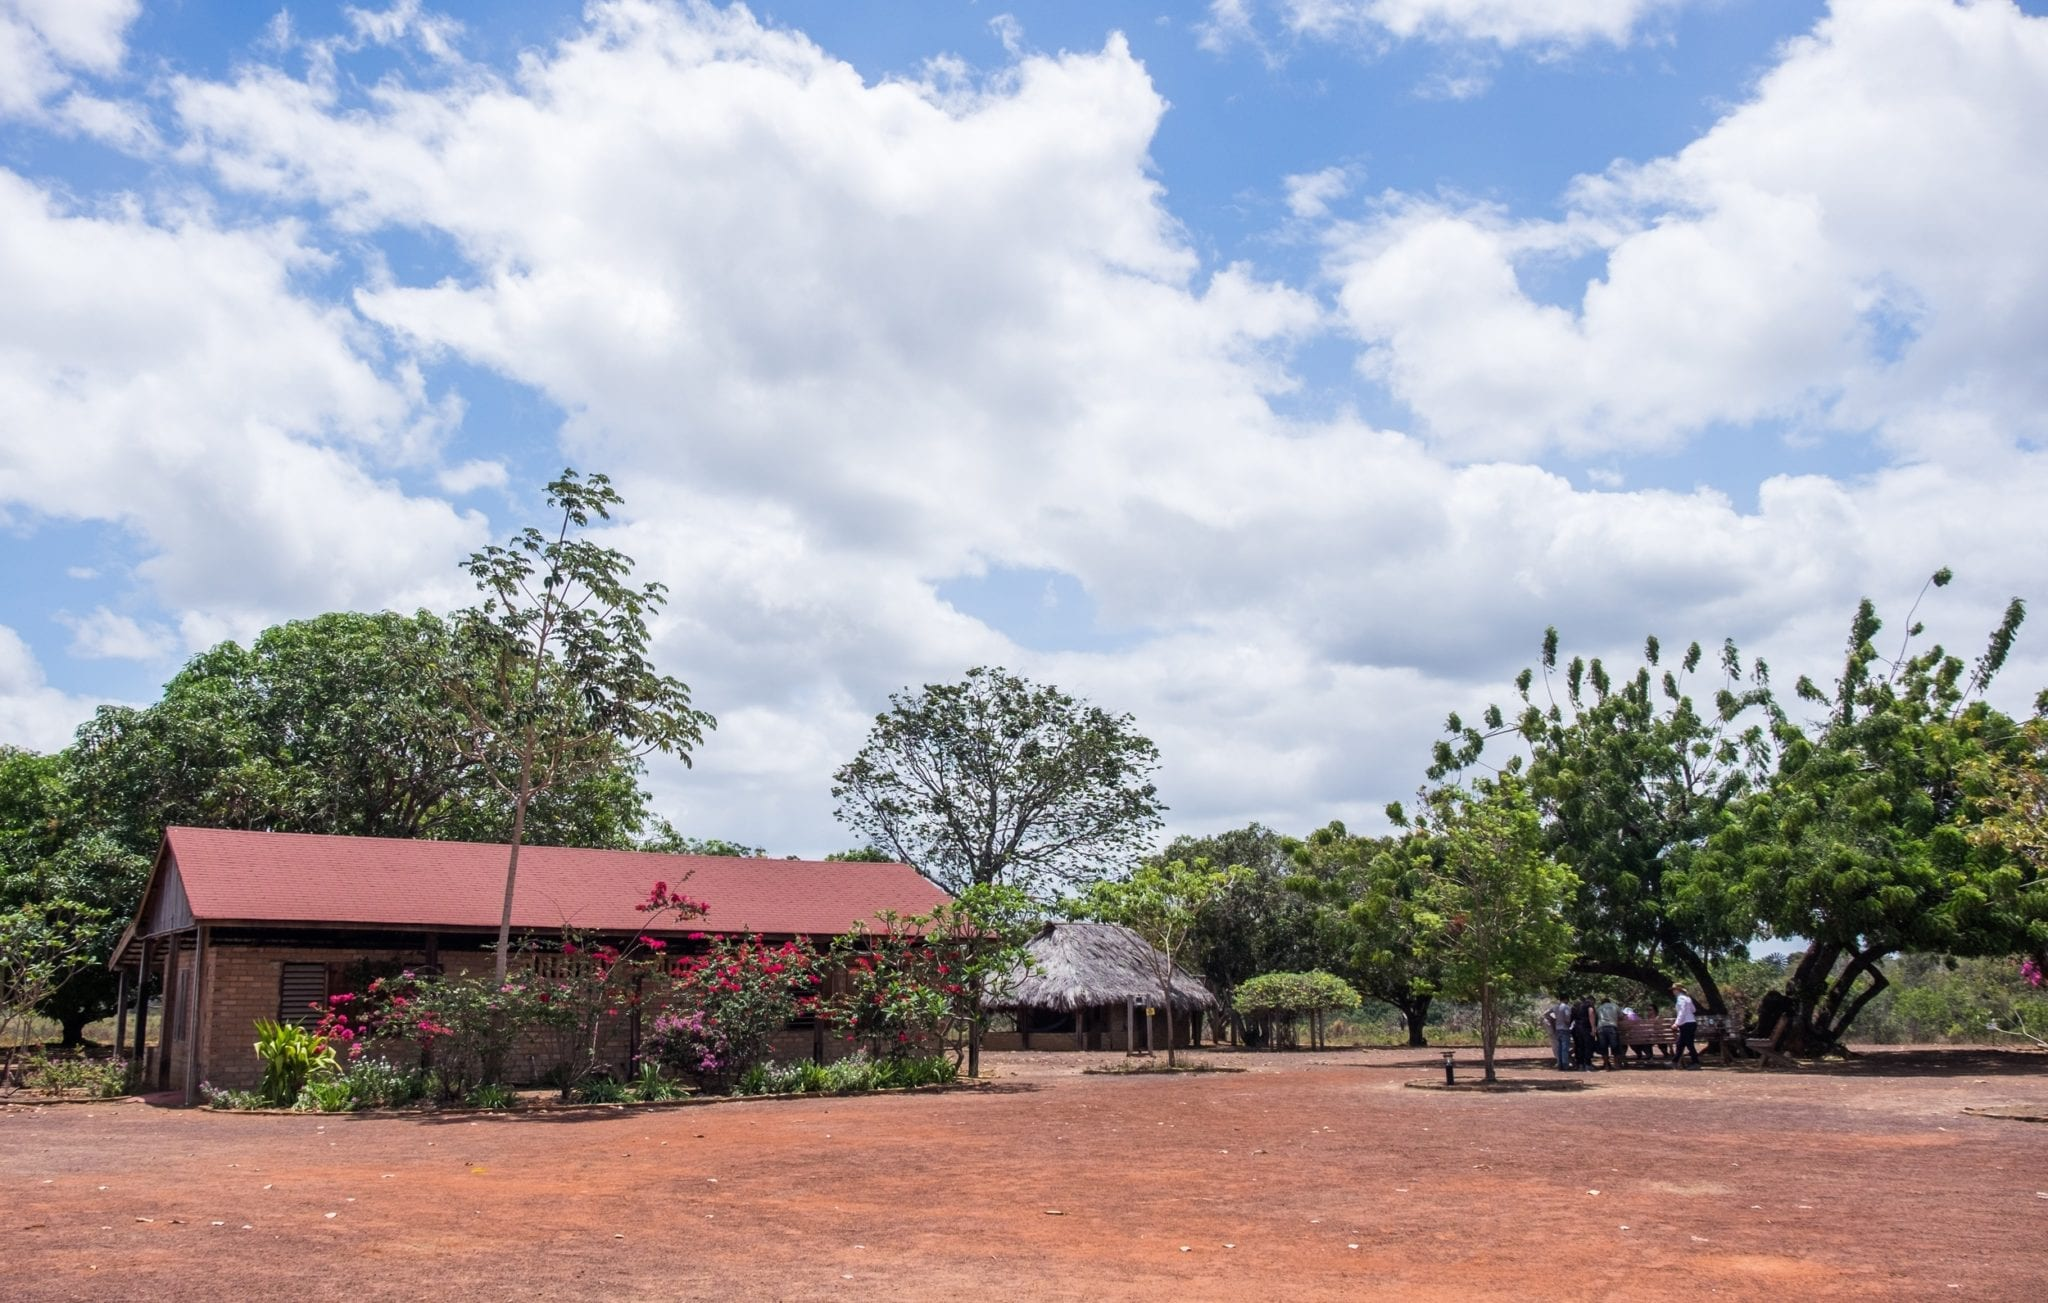 DSCF7366 ▷ ¿Qué es realmente como viajar a Guyana?